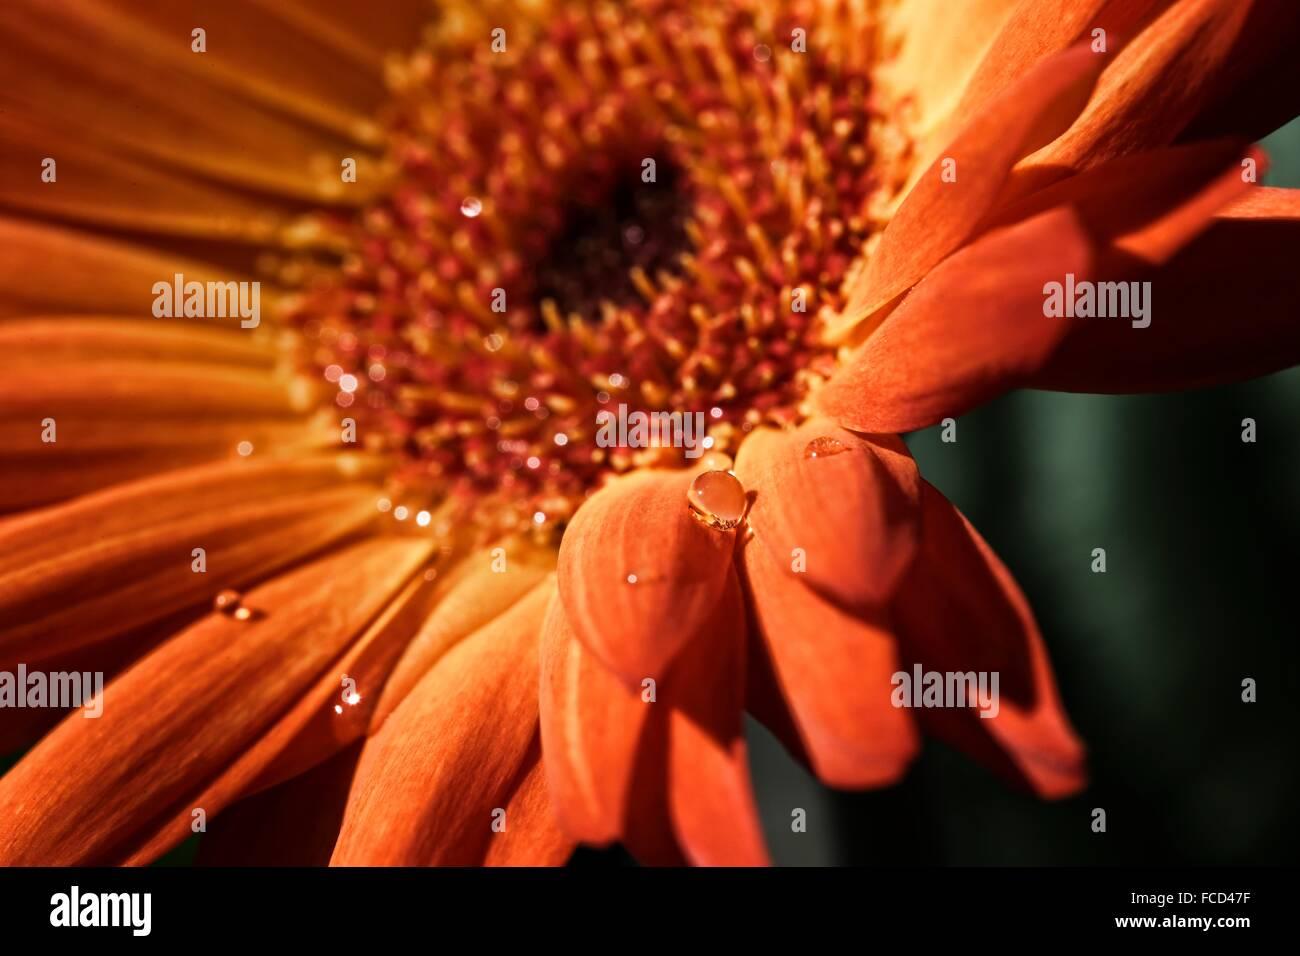 Fiore di arancia con gocce d'acqua Immagini Stock